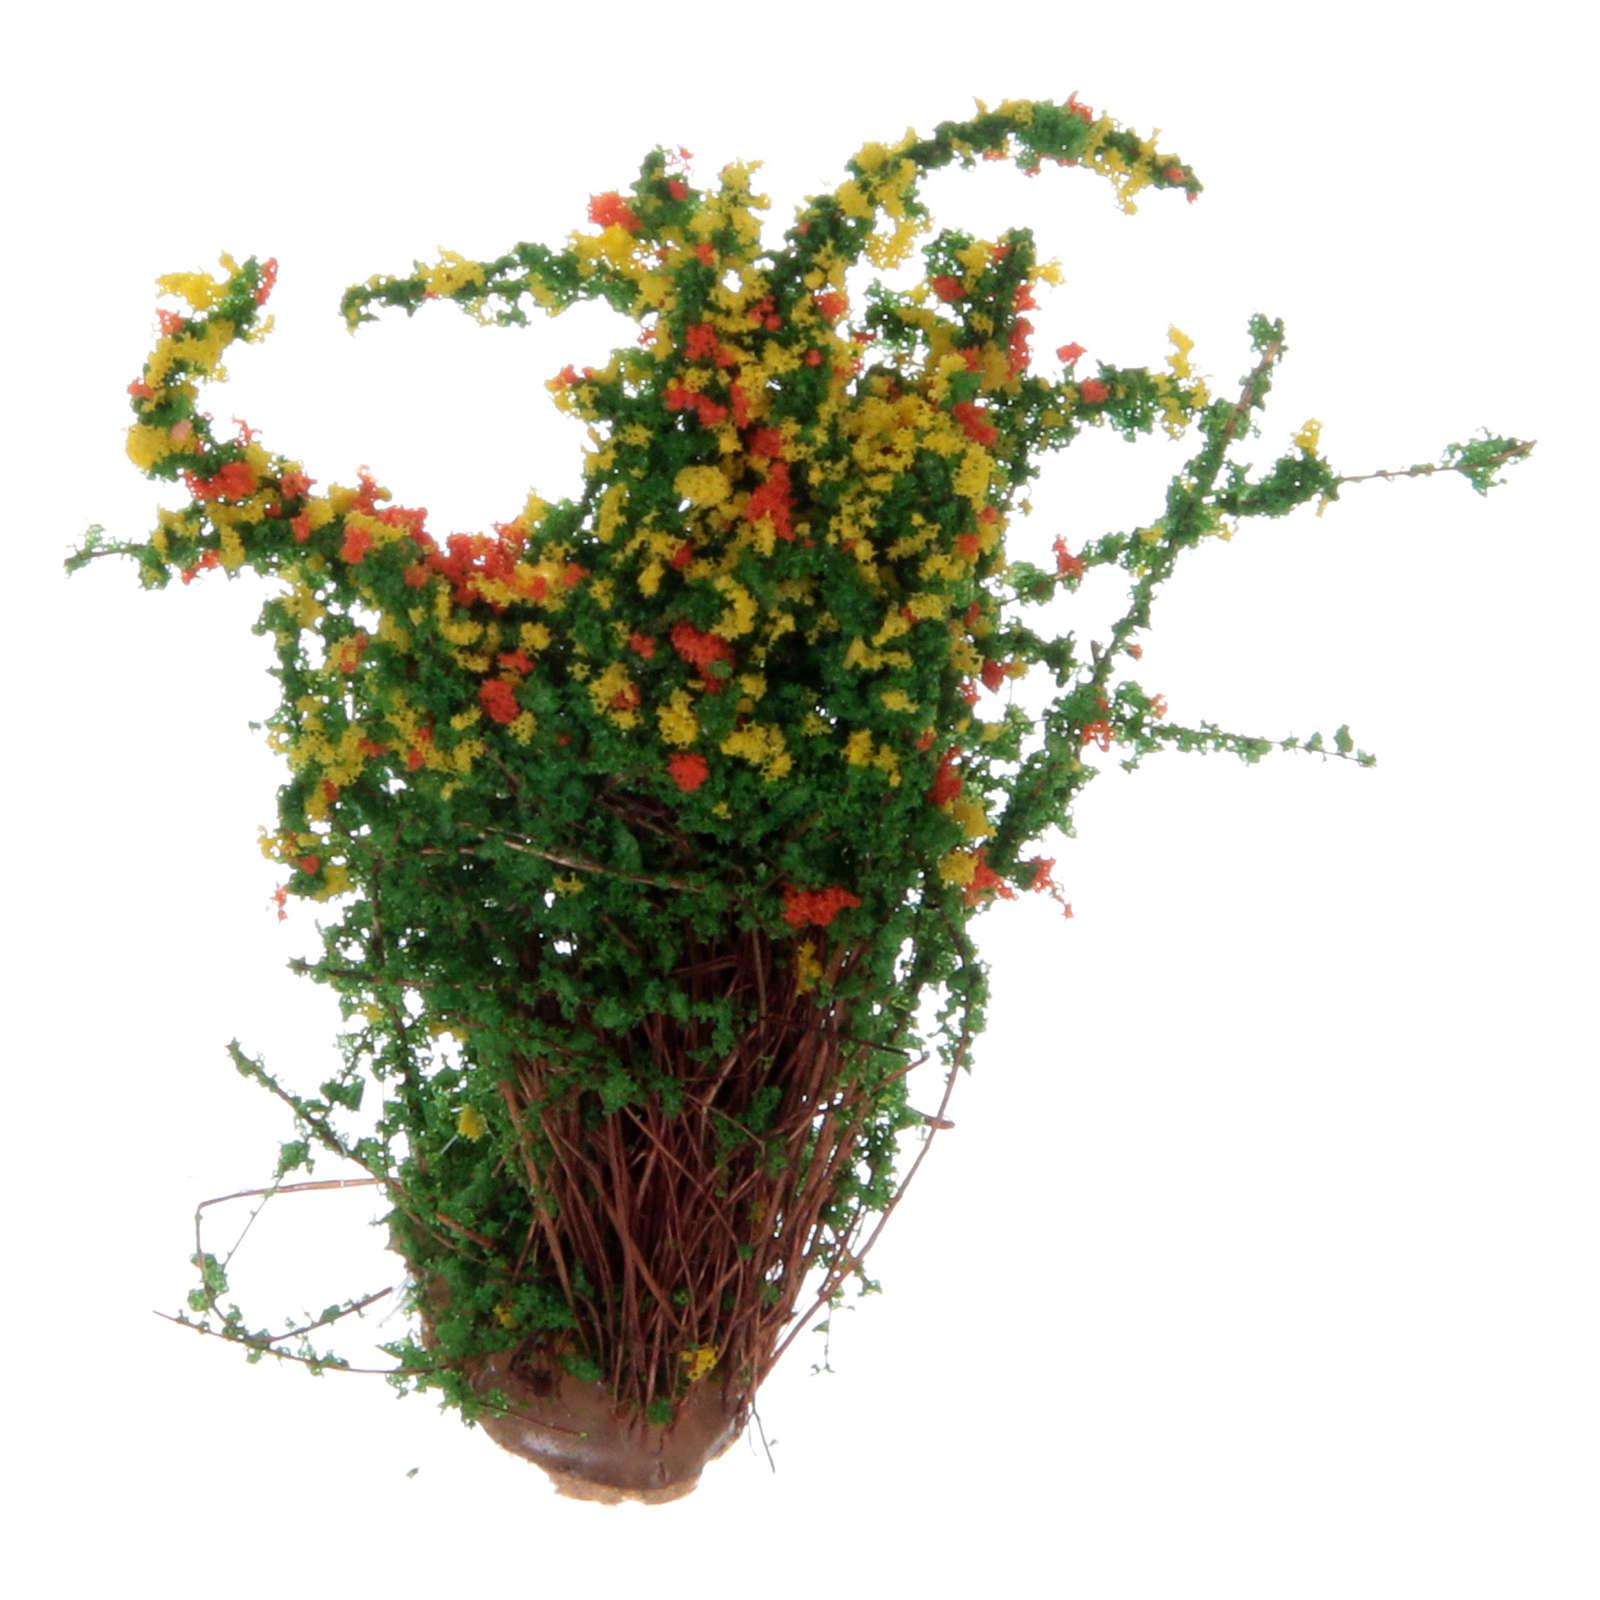 Krzew kwitnący do szopki h rzeczywista 3,5 cm 4